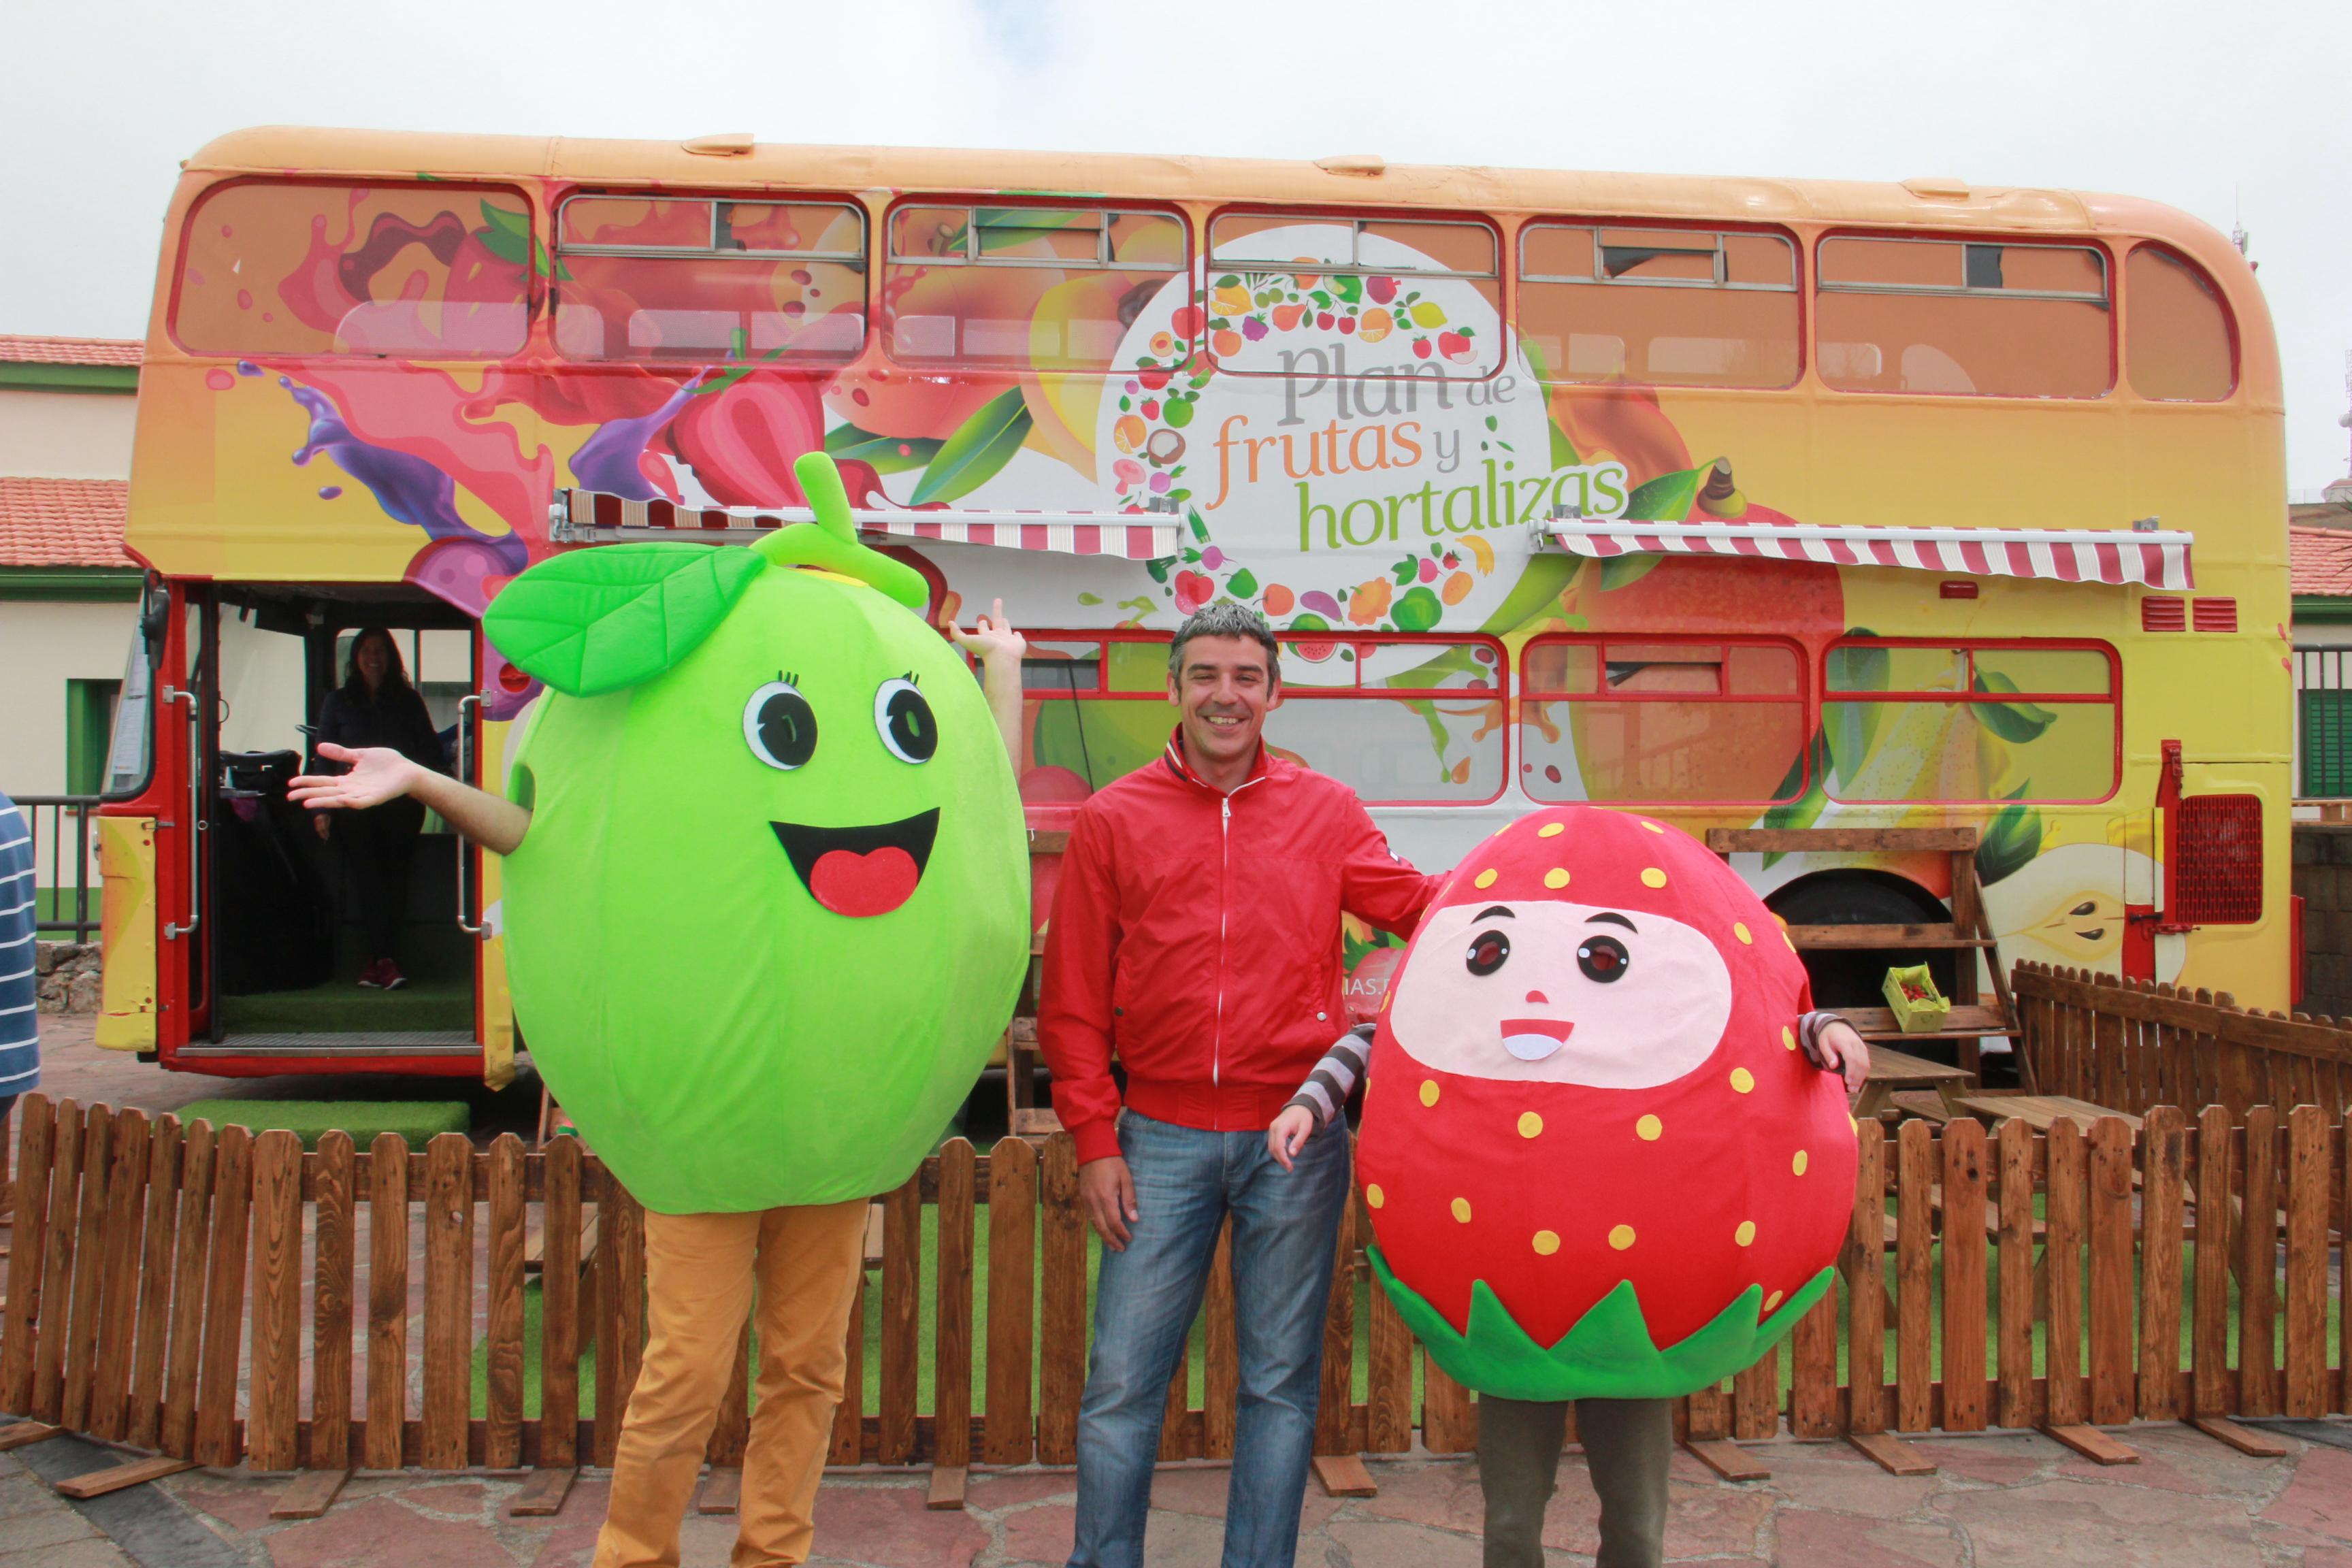 La Frutiguagua promueve en El Hierro el consumo de frutas de la agricultura local